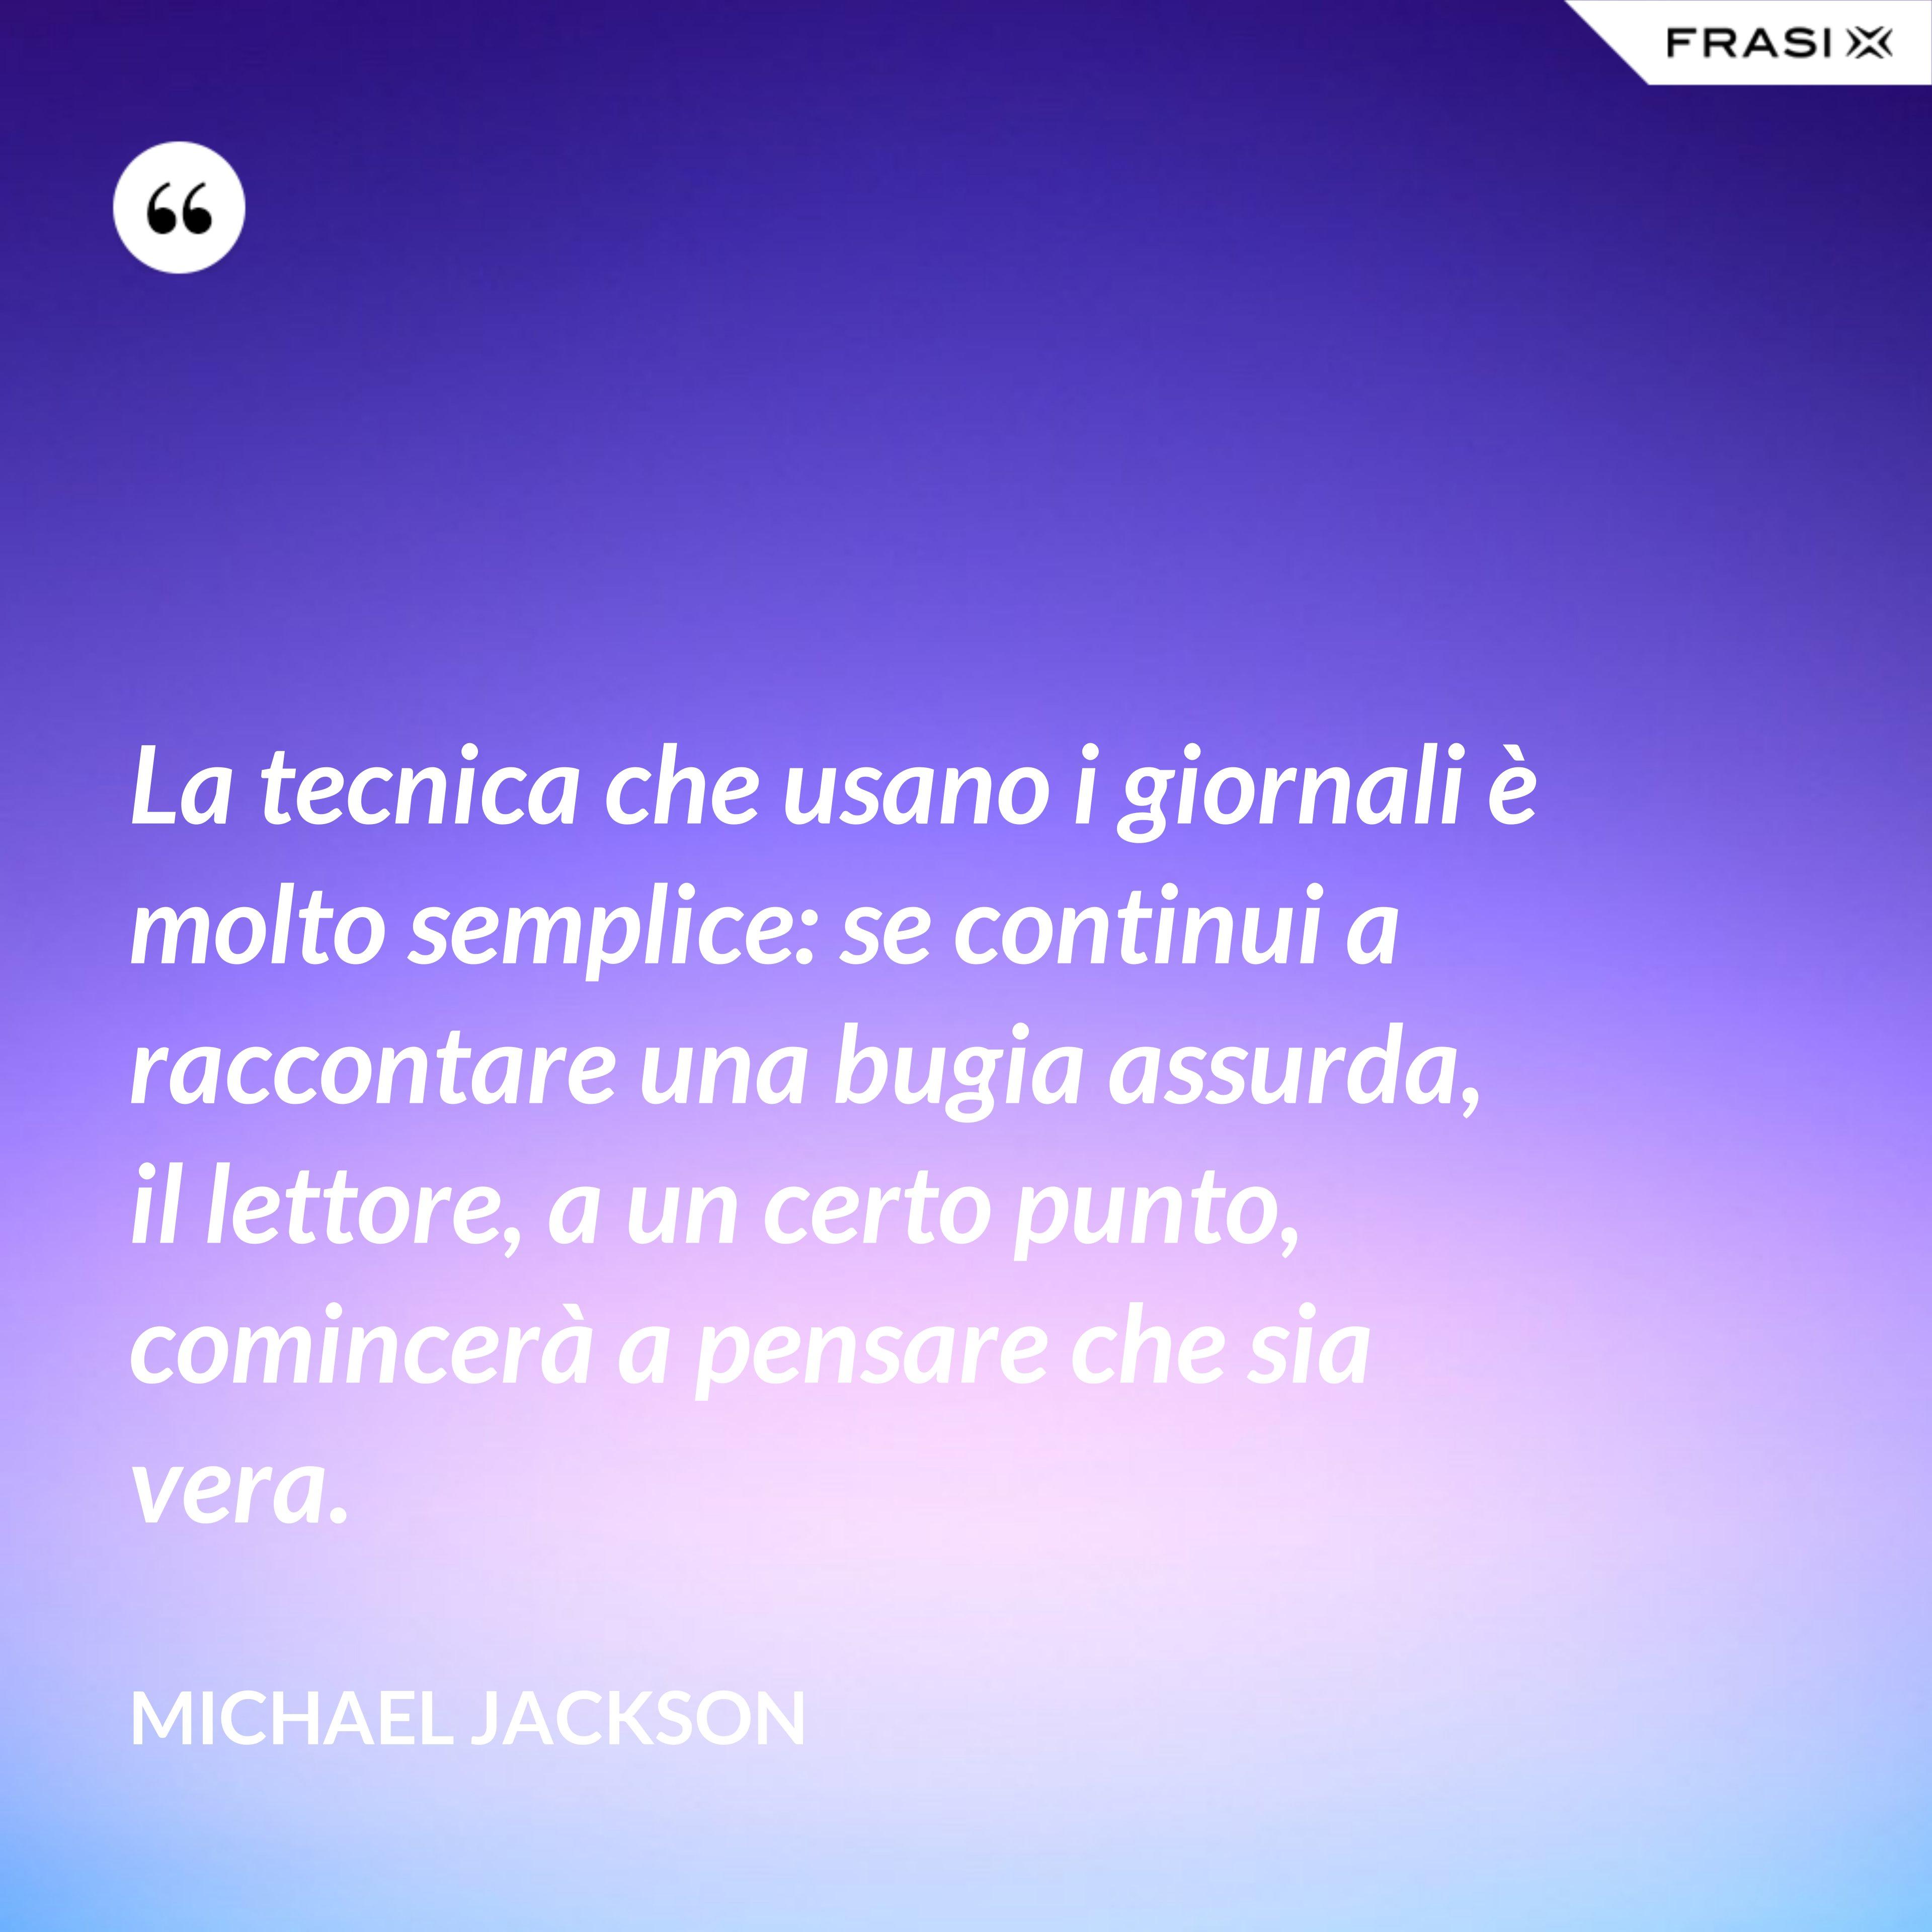 La tecnica che usano i giornali è molto semplice: se continui a raccontare una bugia assurda, il lettore, a un certo punto, comincerà a pensare che sia vera. - Michael Jackson